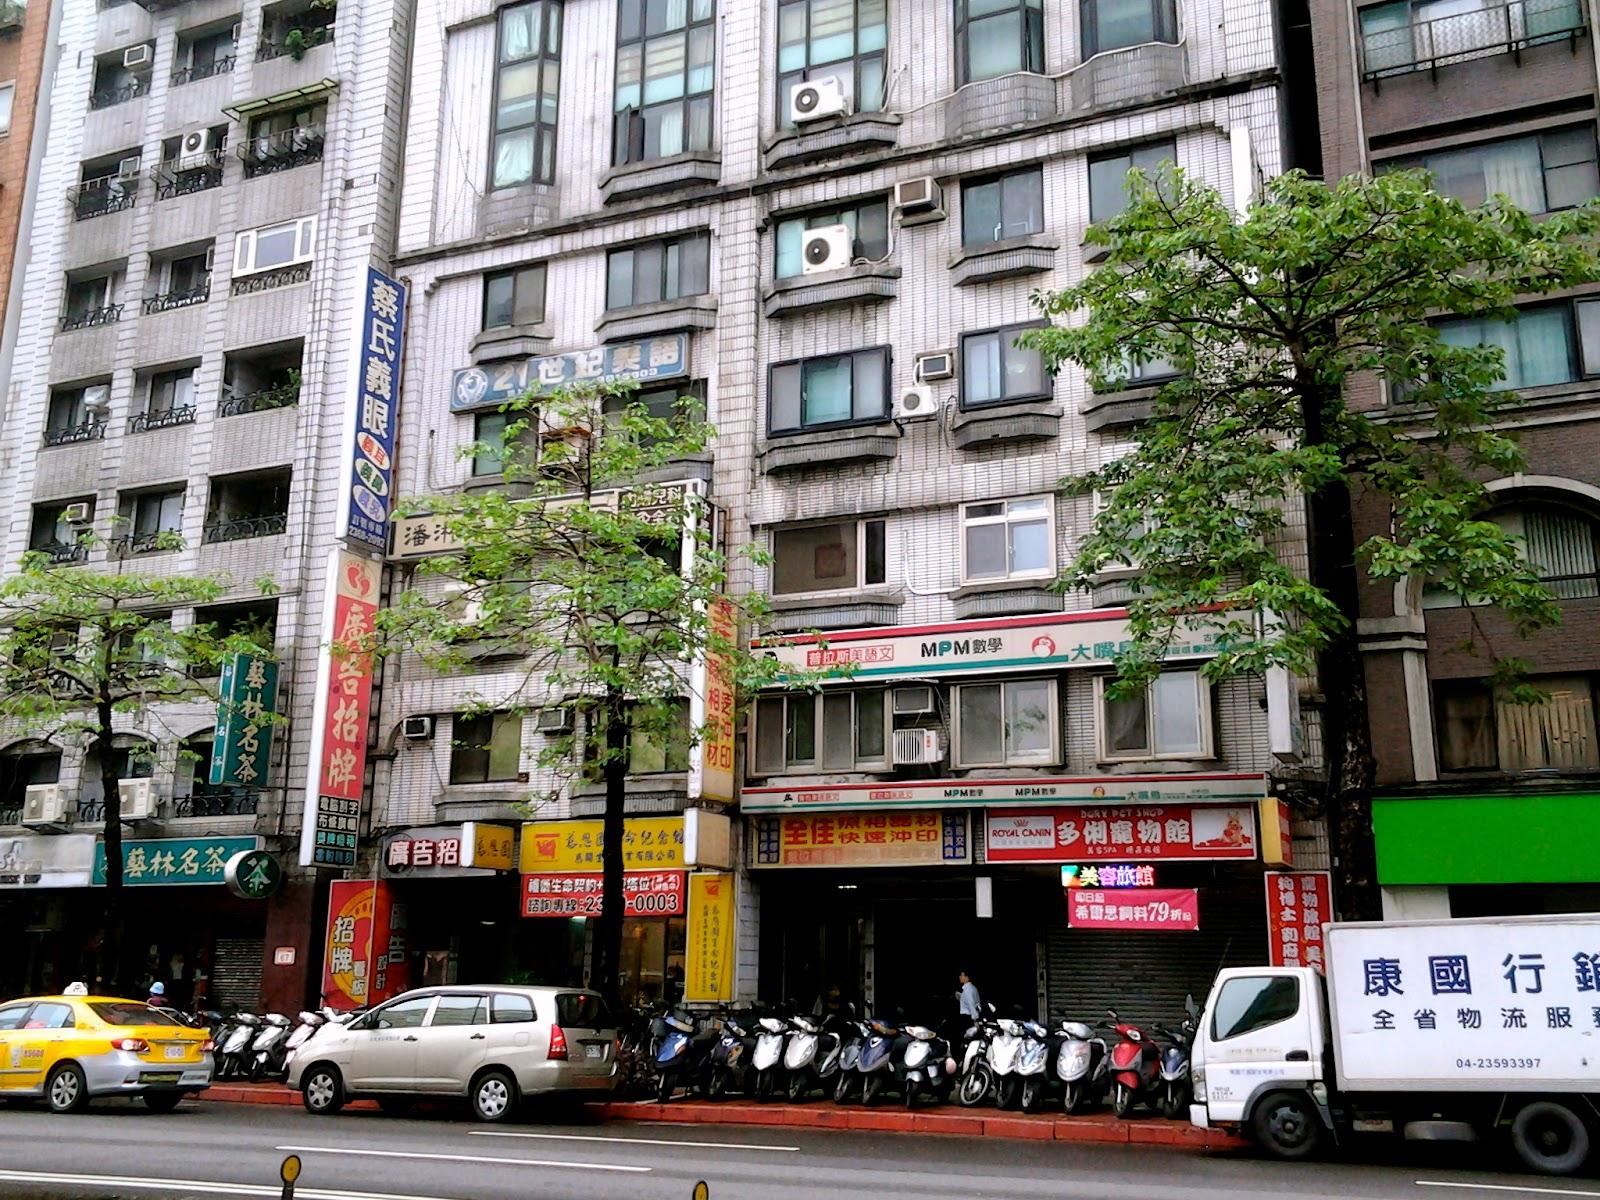 Taipower Building Station Taipei Taiwan